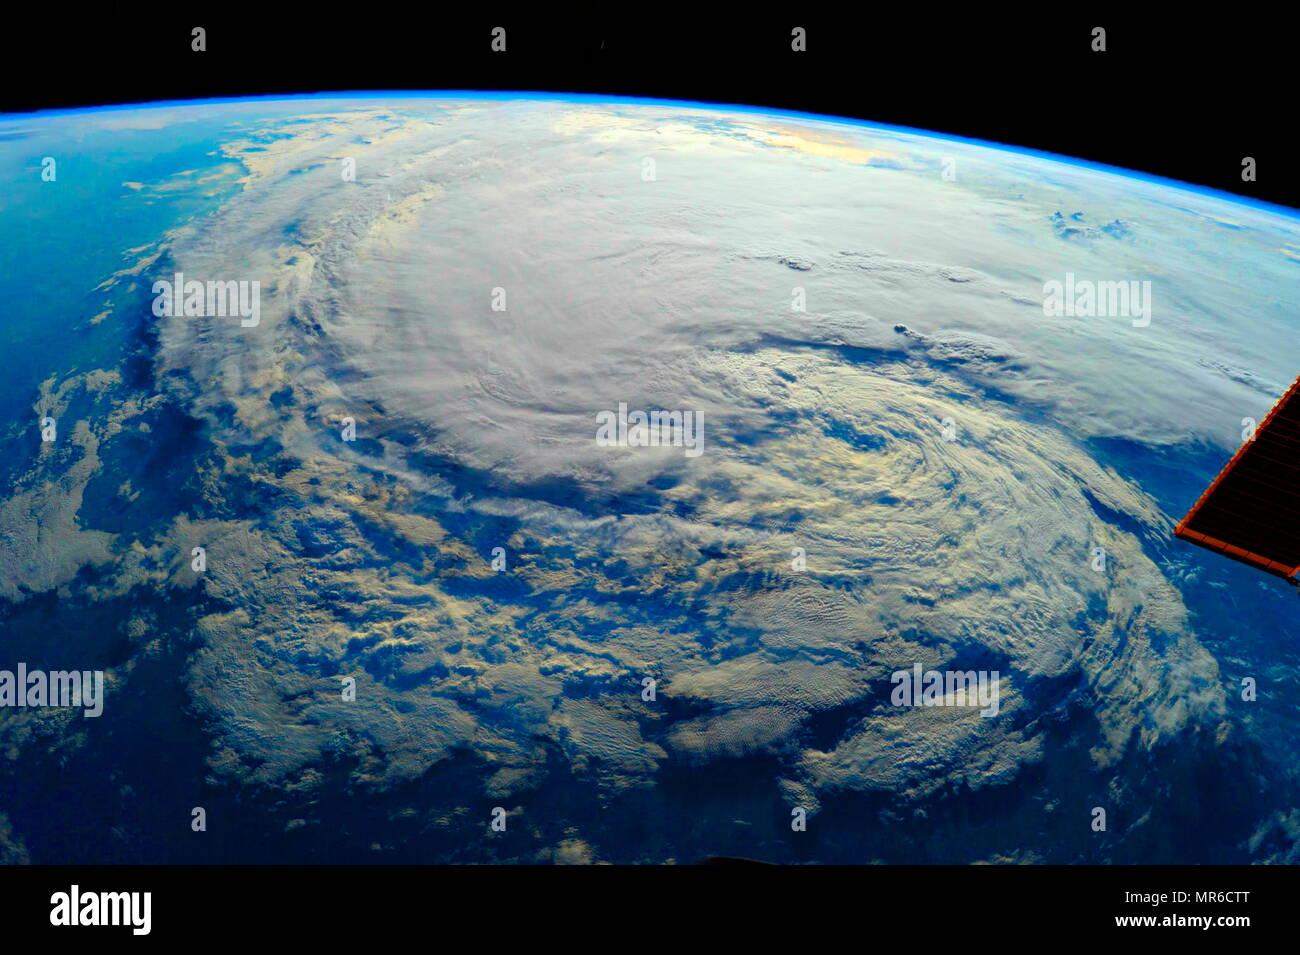 Uragano Harvey 2017. In una quattro giorni, molte aree hanno ricevuto più di 40 pollici (1,000 mm) di pioggia come il sistema meandered over Texas orientale e nelle acque adiacenti, provocando catastrofiche inondazioni. Il risultante inondazioni sommersi delle abitazioni di centinaia di migliaia di persone e lo sfollamento di più di 30.000 persone, e ha richiesto più di 17.000 salvataggi Immagini Stock